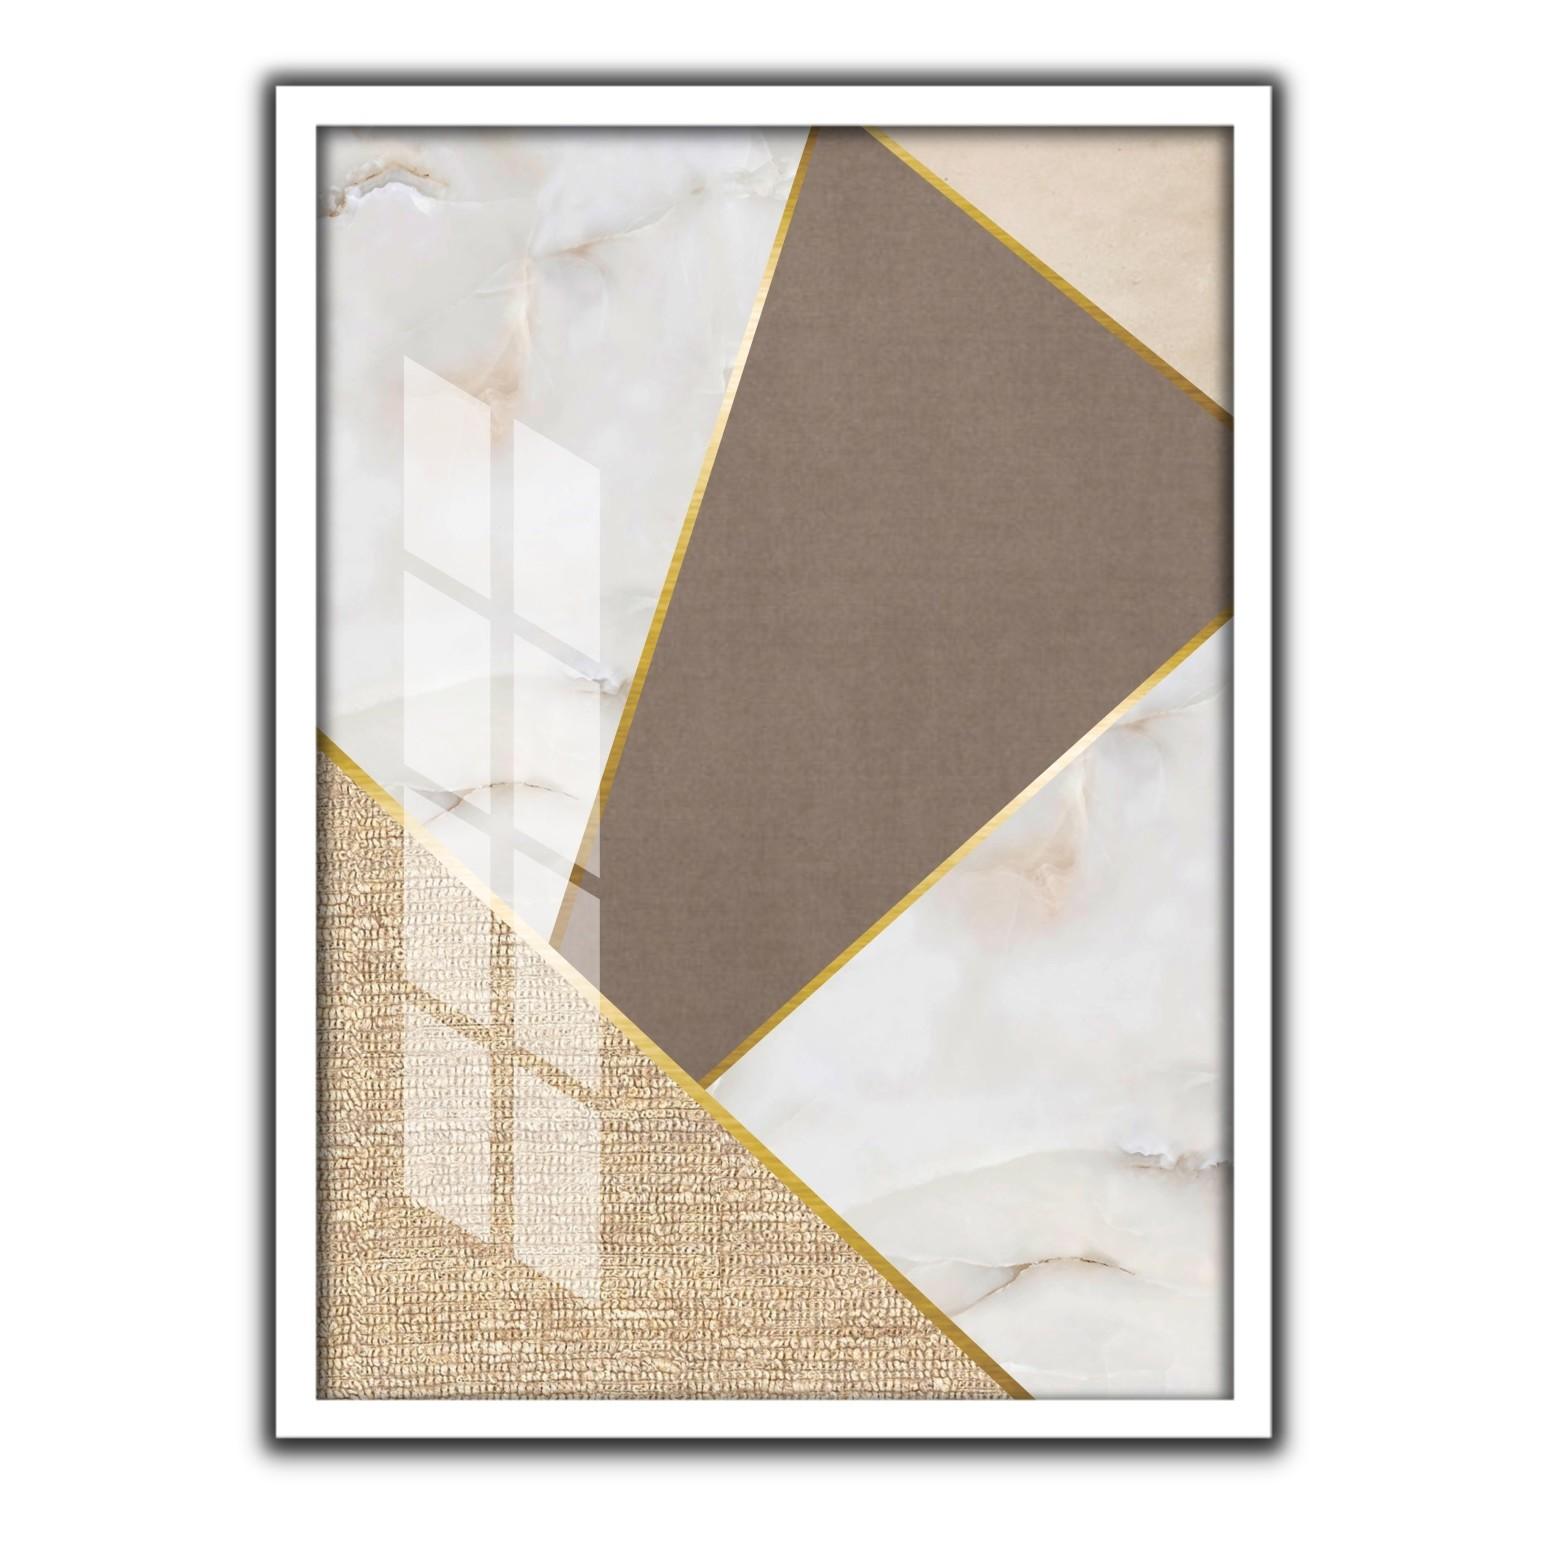 Quadro Decorativo 50x70cm Geometrico 90513 - Art Frame